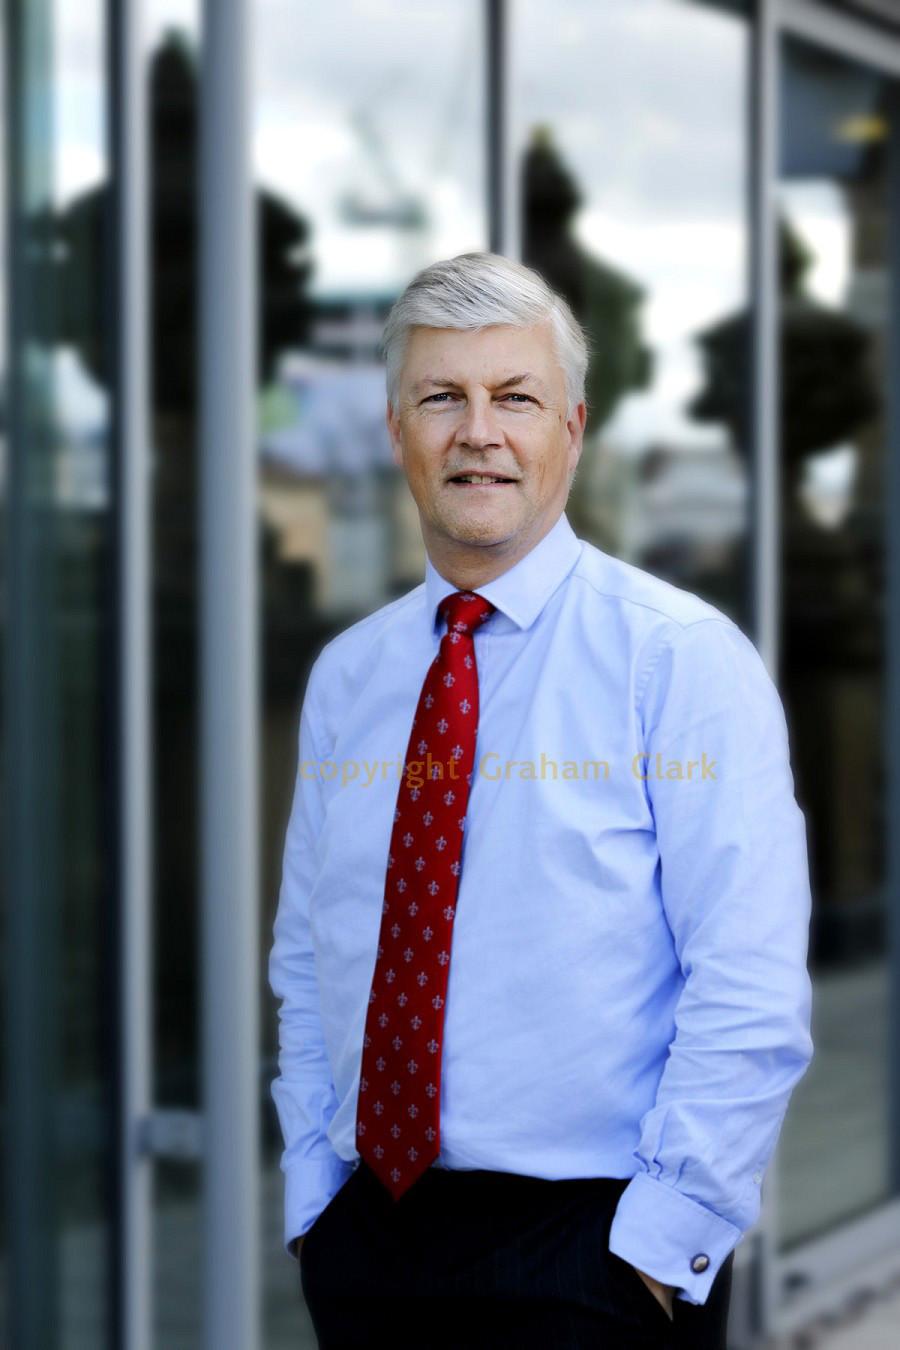 Kenneth Shand Senior partner at Dentons